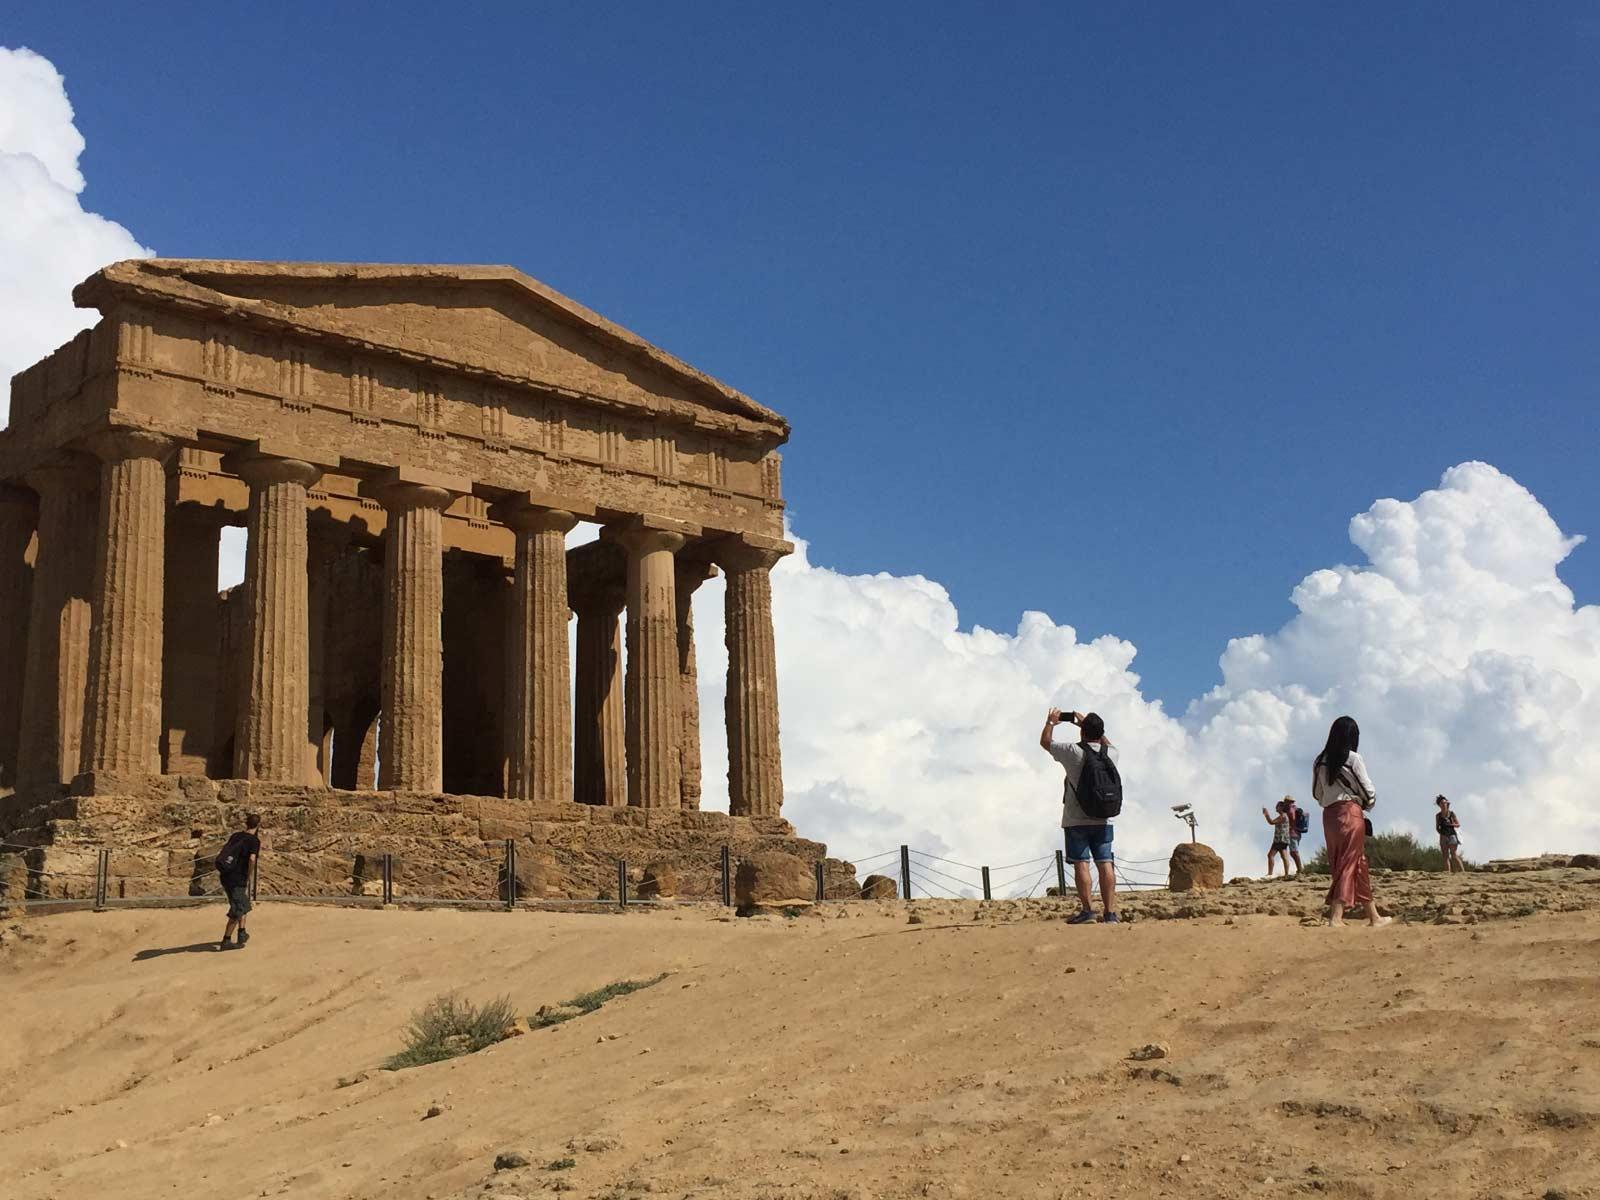 Tempio-della-Concordia-Agrigento con le nuvole sullo sfondo e alcuni visitatori che scattano foto